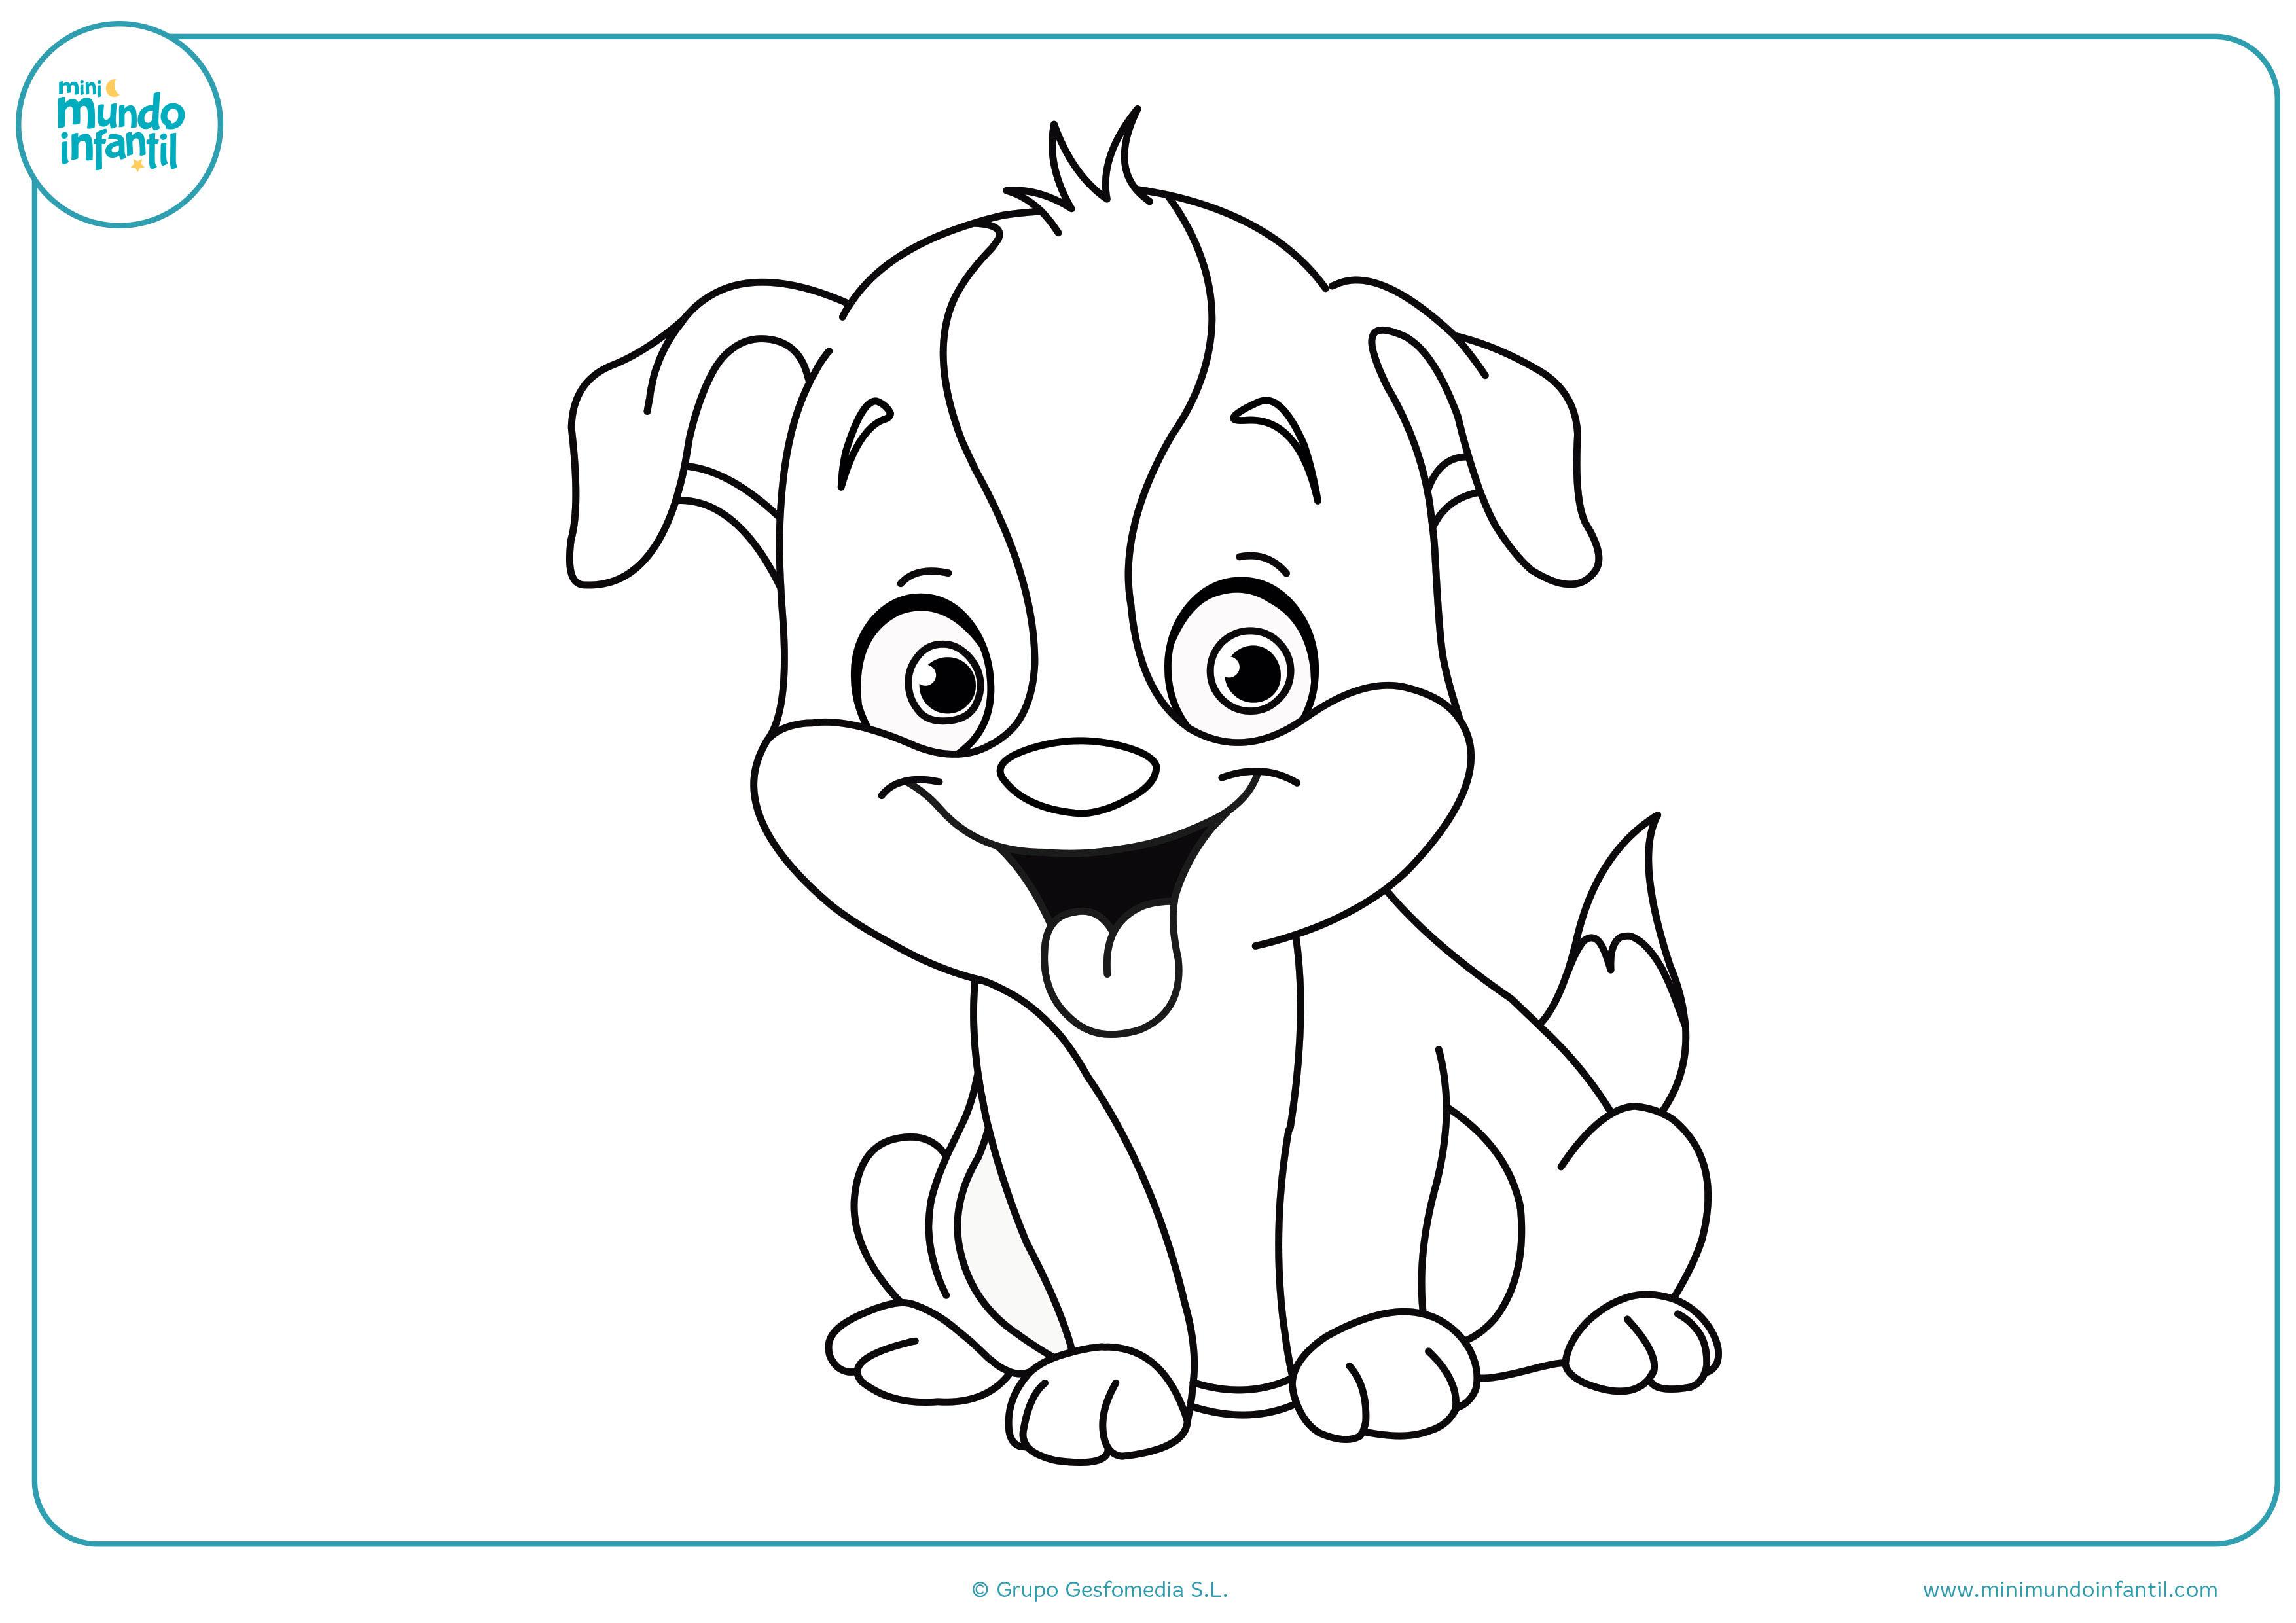 Dibujos De Perros Para Colorear A Lapiz Y Faciles Dibujos De Perros Perro Colorear Dibujos De Animales